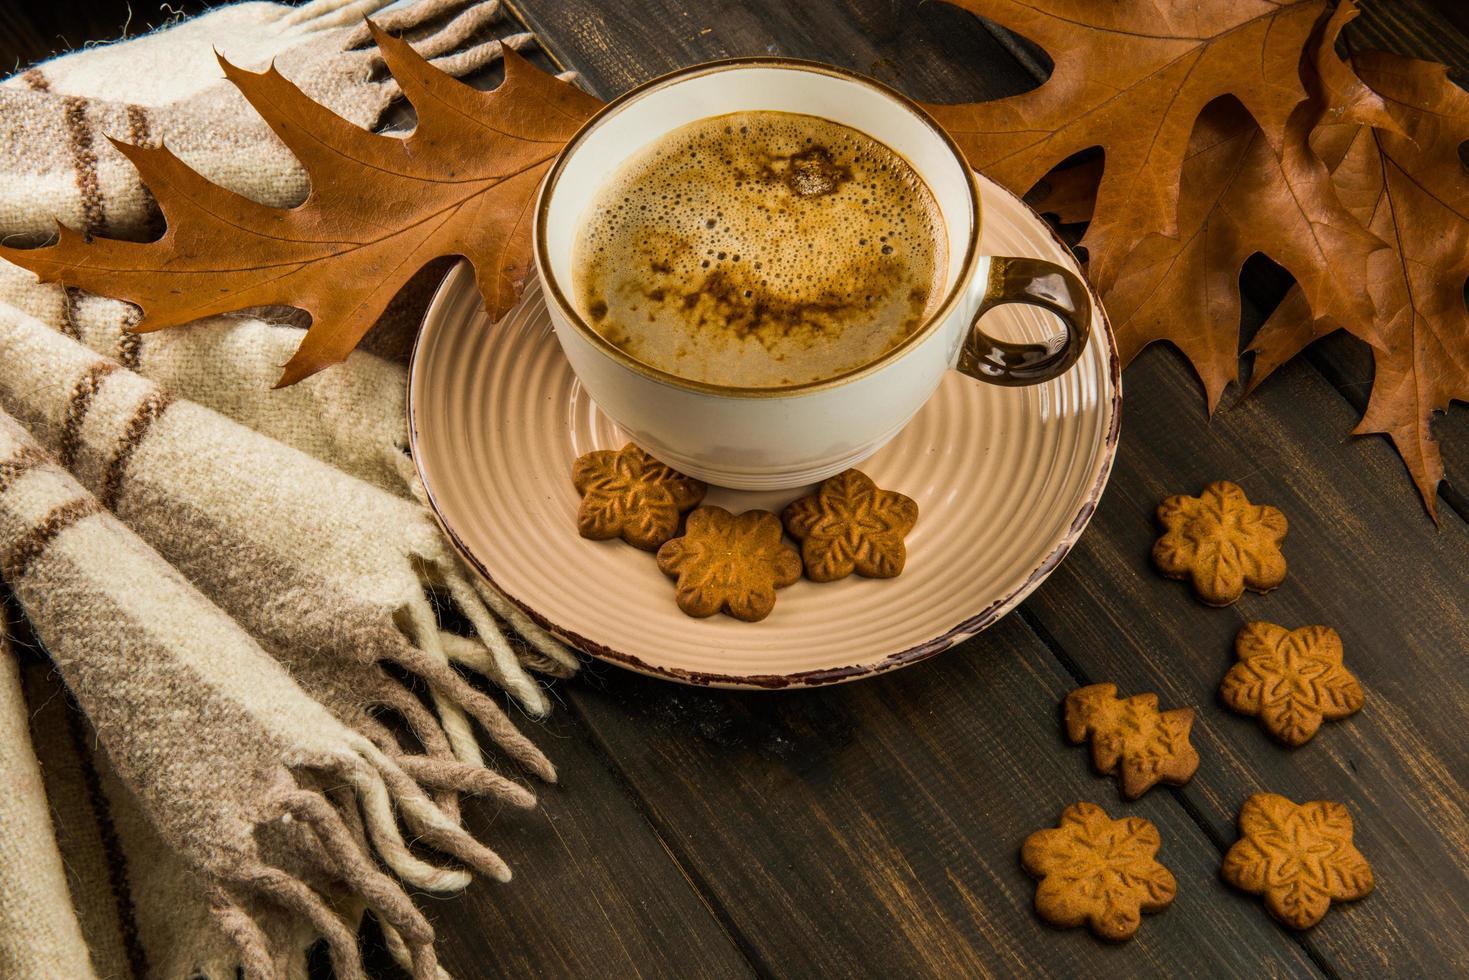 caffè con biscotti e foglie foto